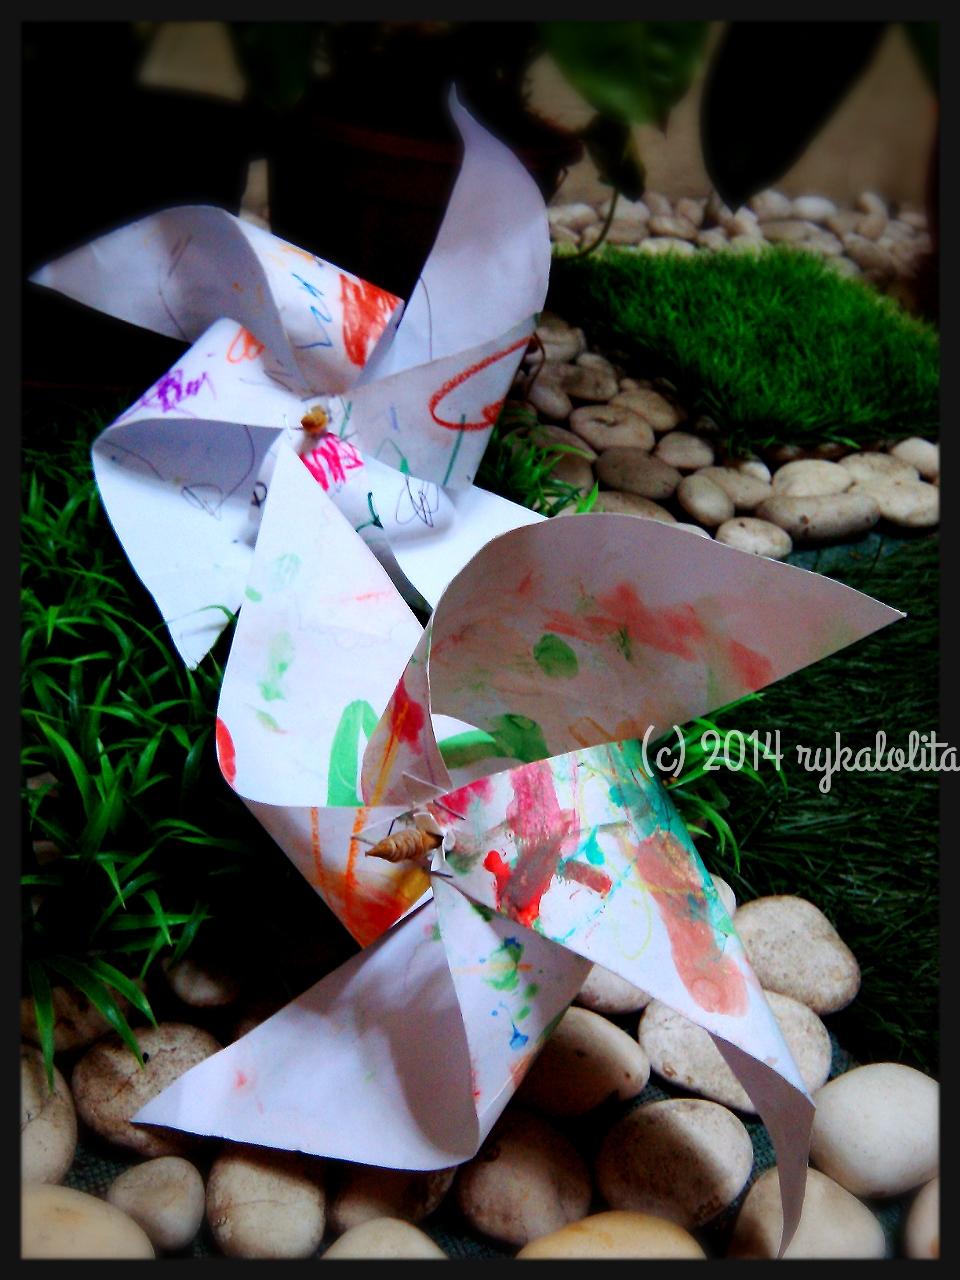 Cara Membuat Baling Baling Dari Kertas Karton : membuat, baling, kertas, karton, Mainan, Buatan, Sendiri, Rykalolita's